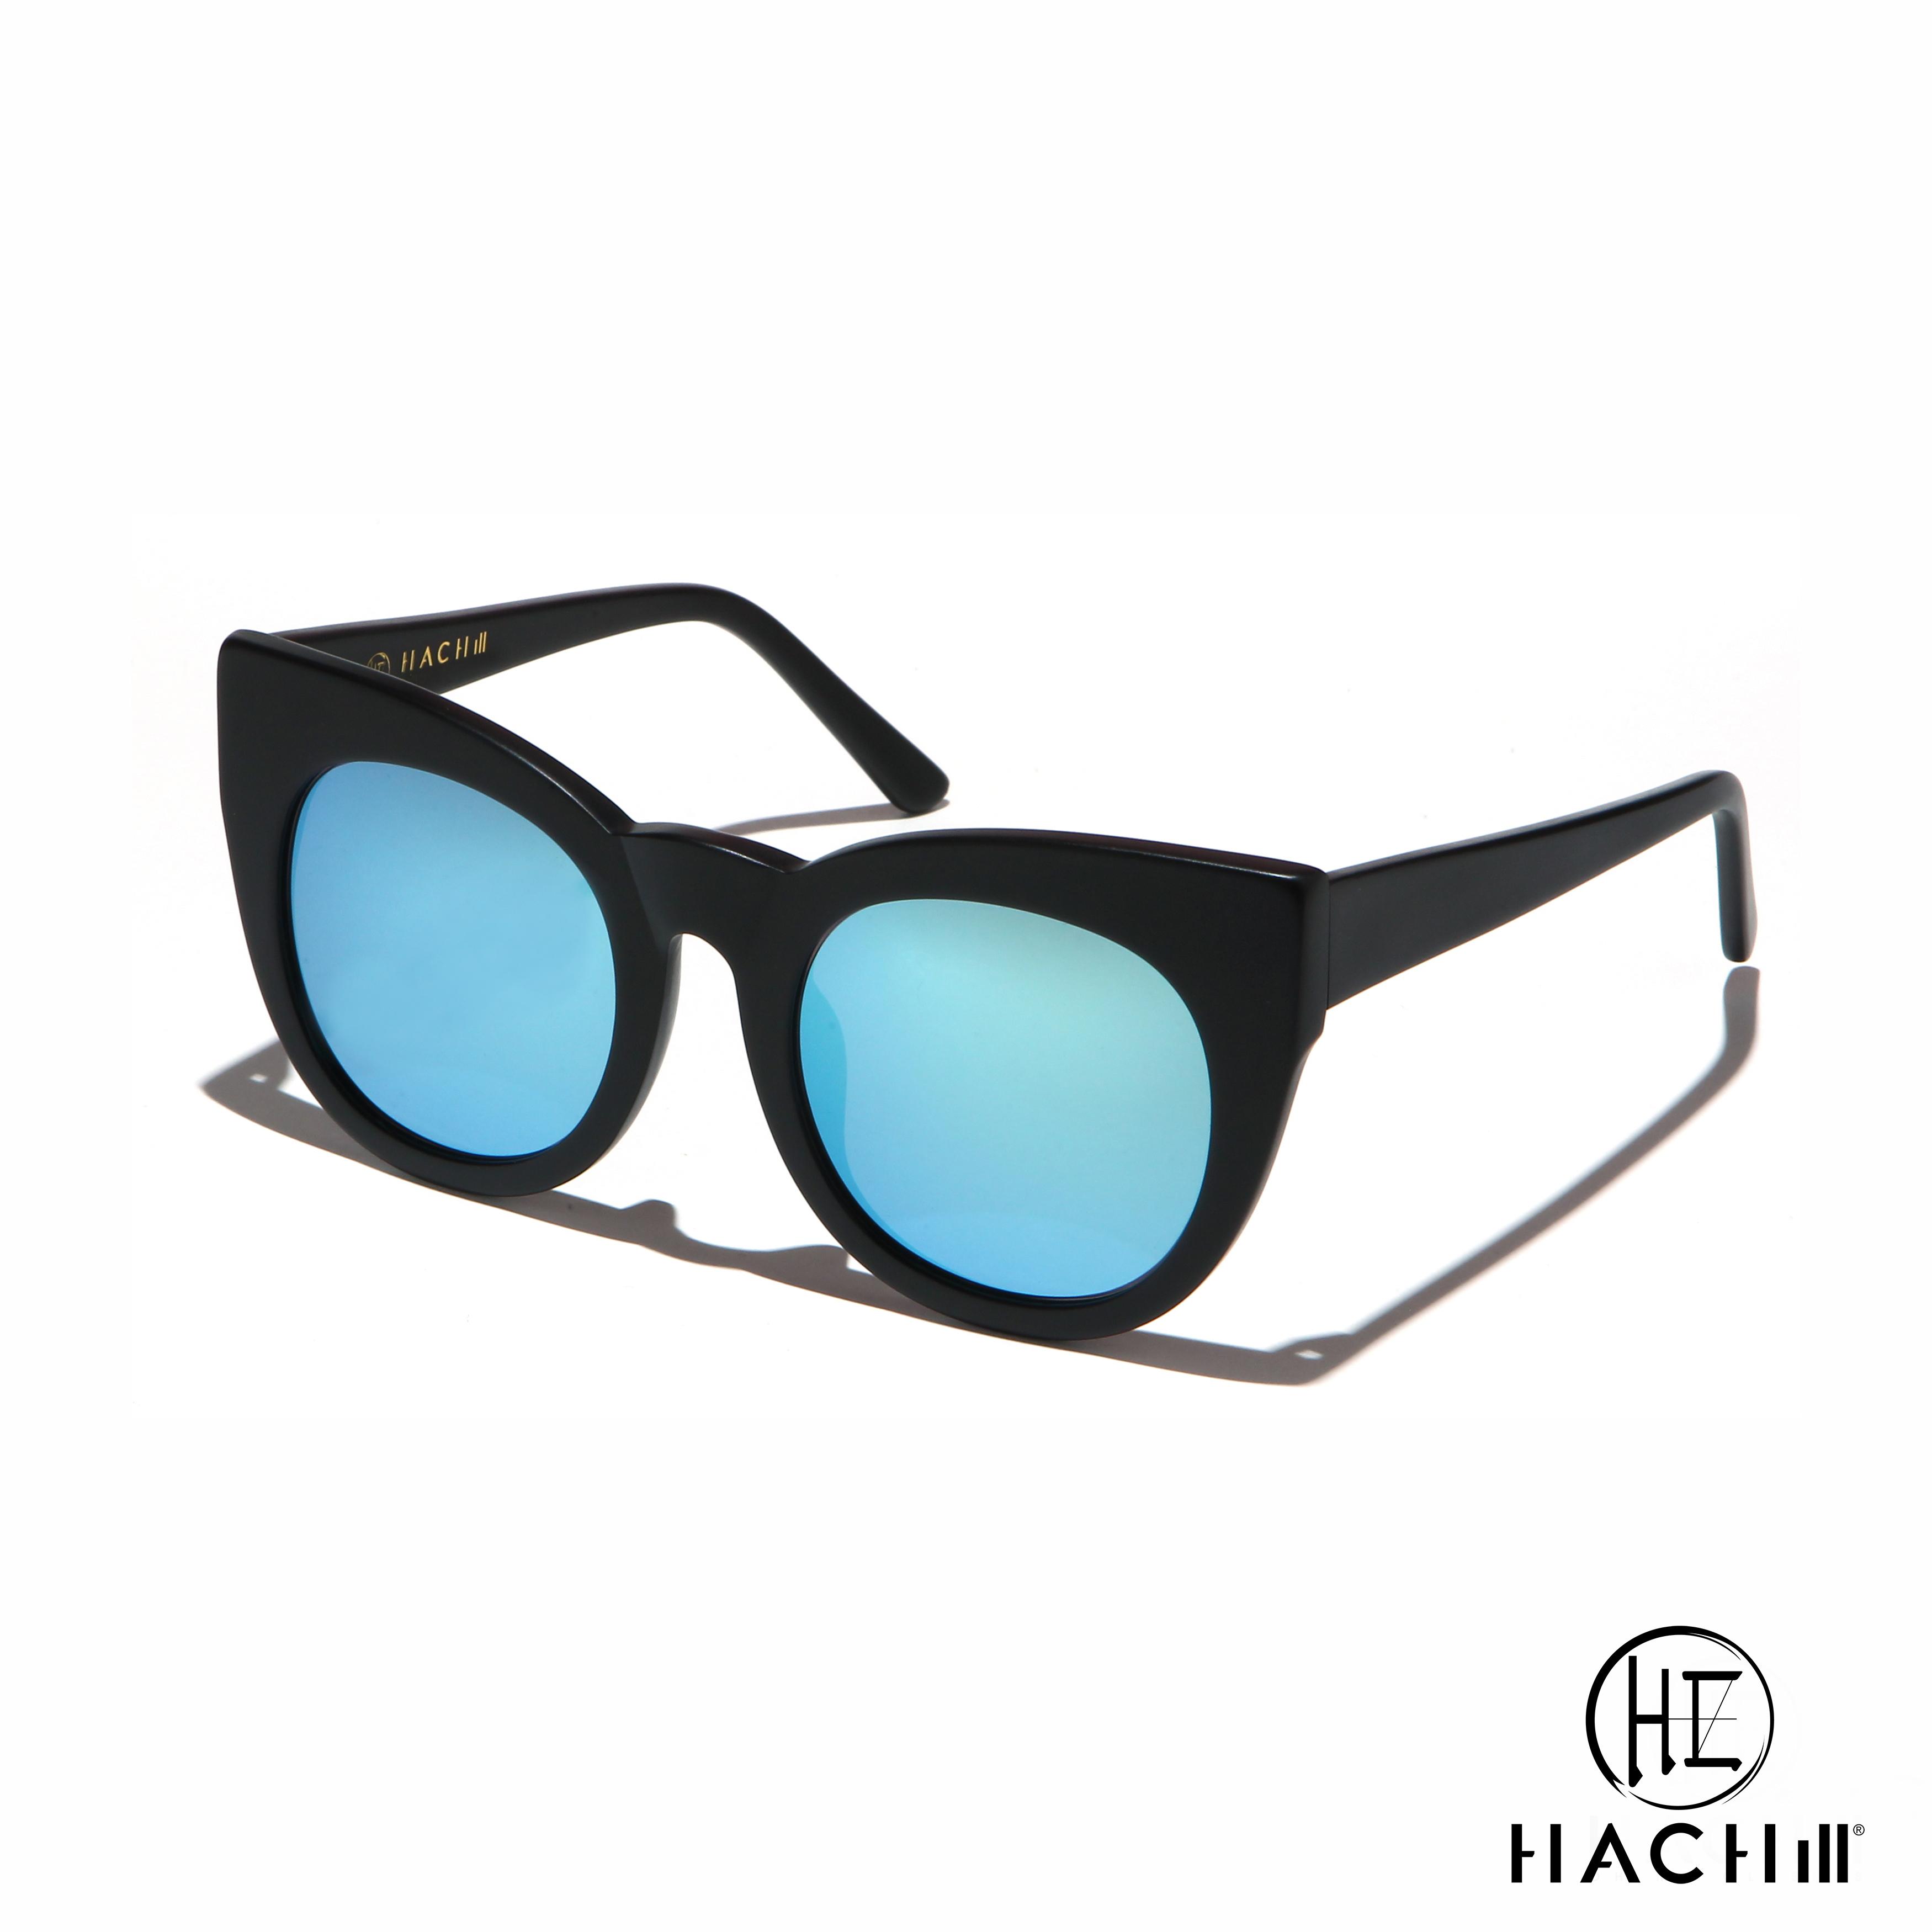 Hachill 太阳眼镜 HC8221S-C1 浅蓝色